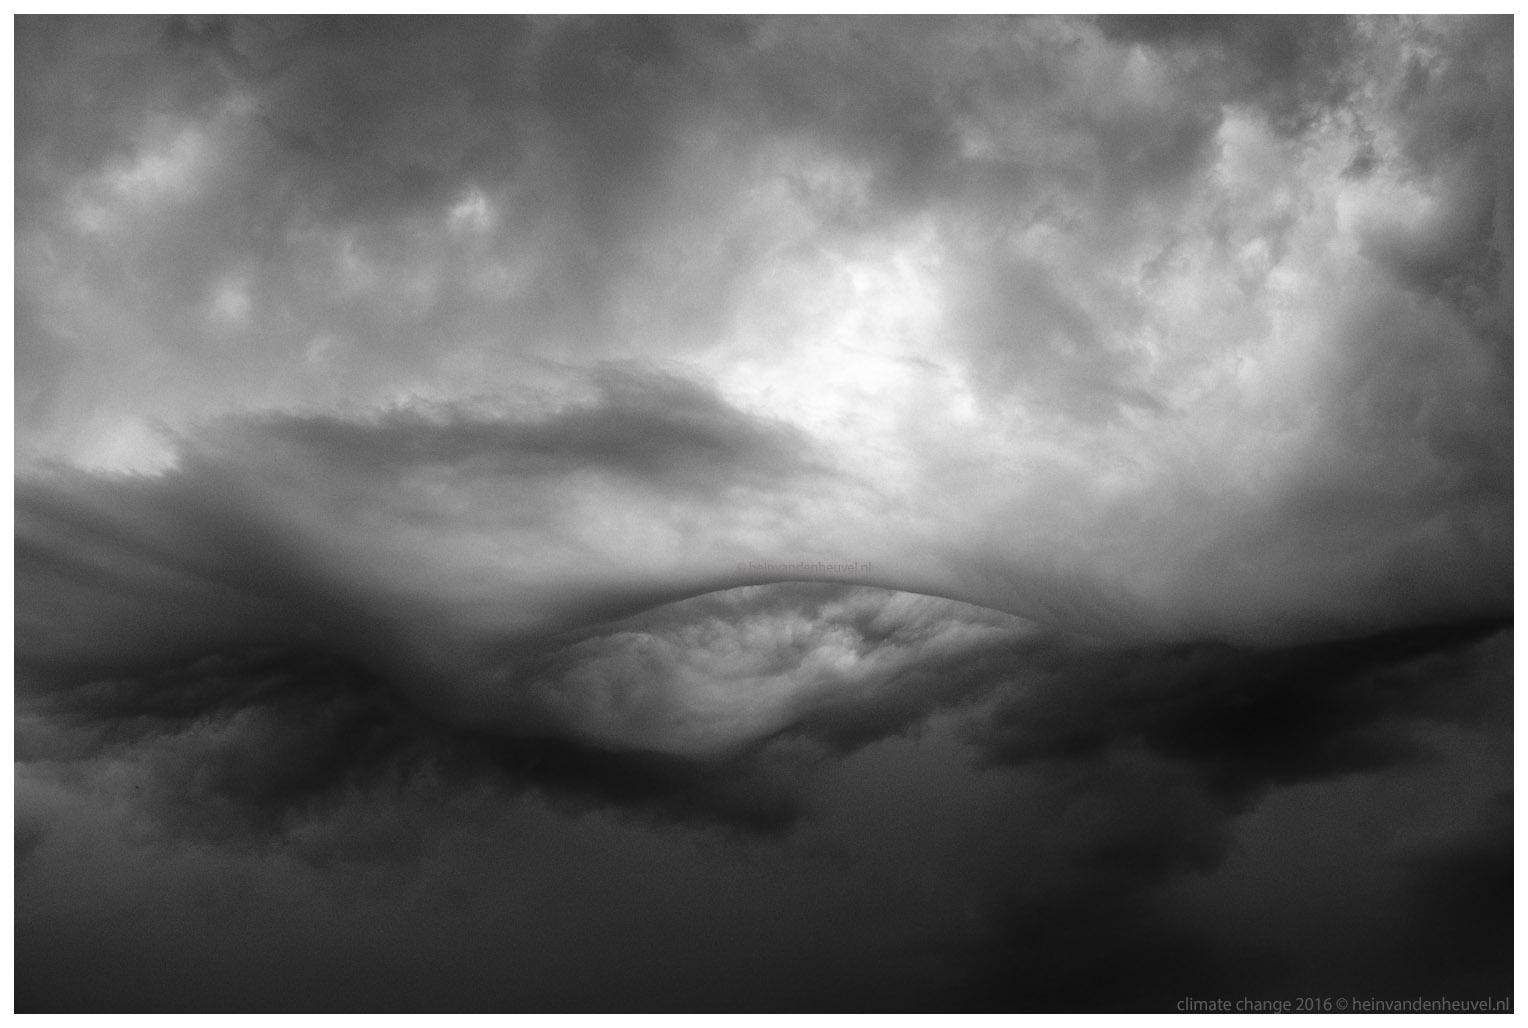 heinvandenheuvelfotografie climatechange 2016.jpg